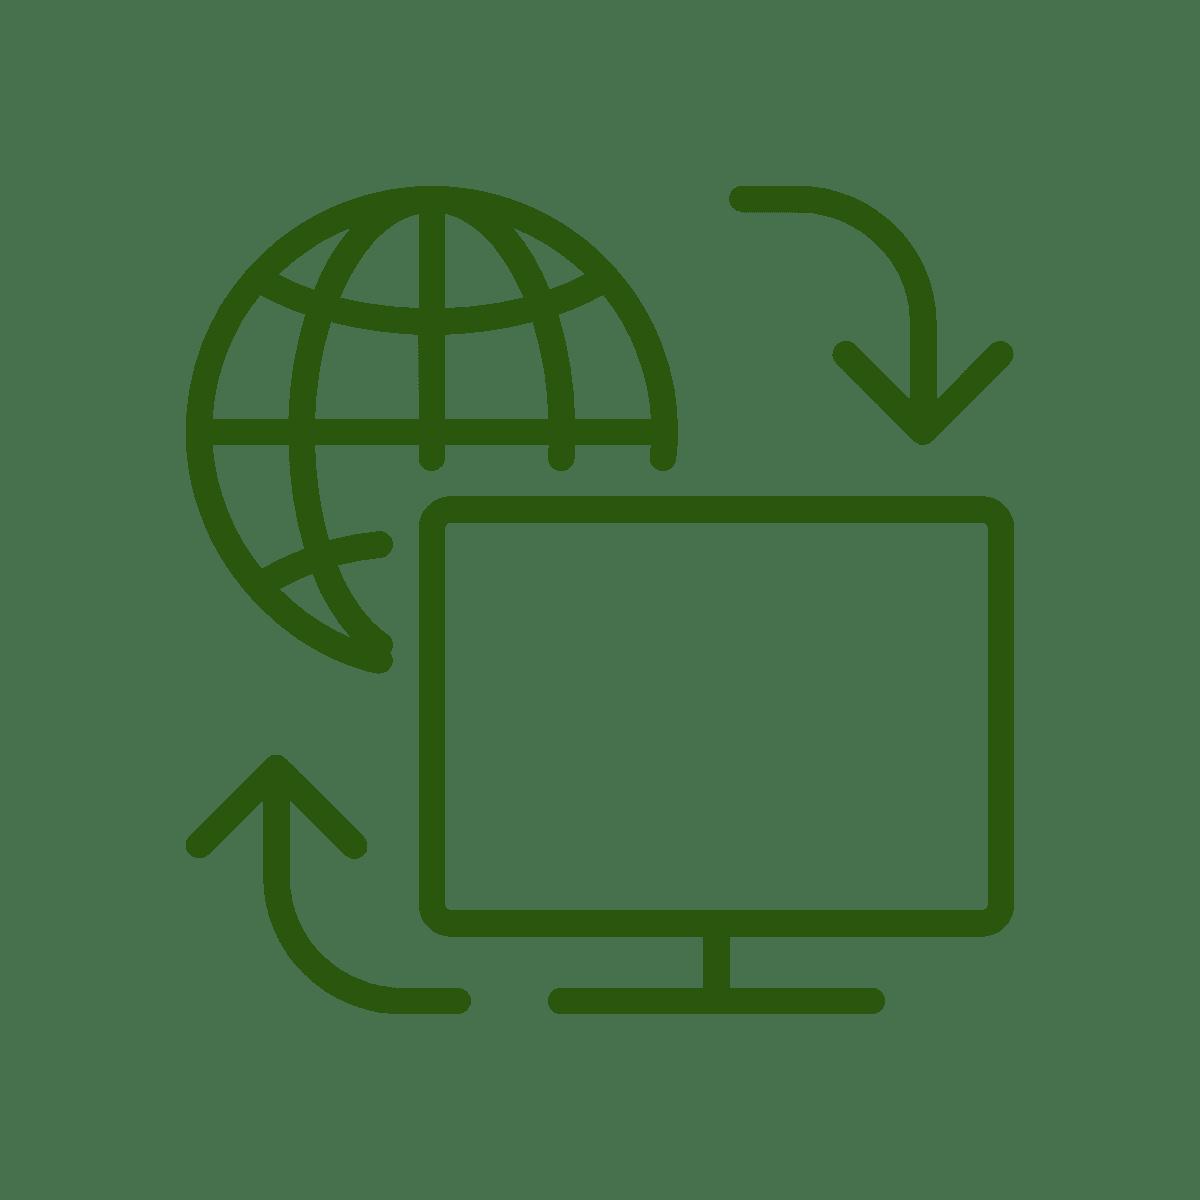 קידום ובניית אתרים לעסקים